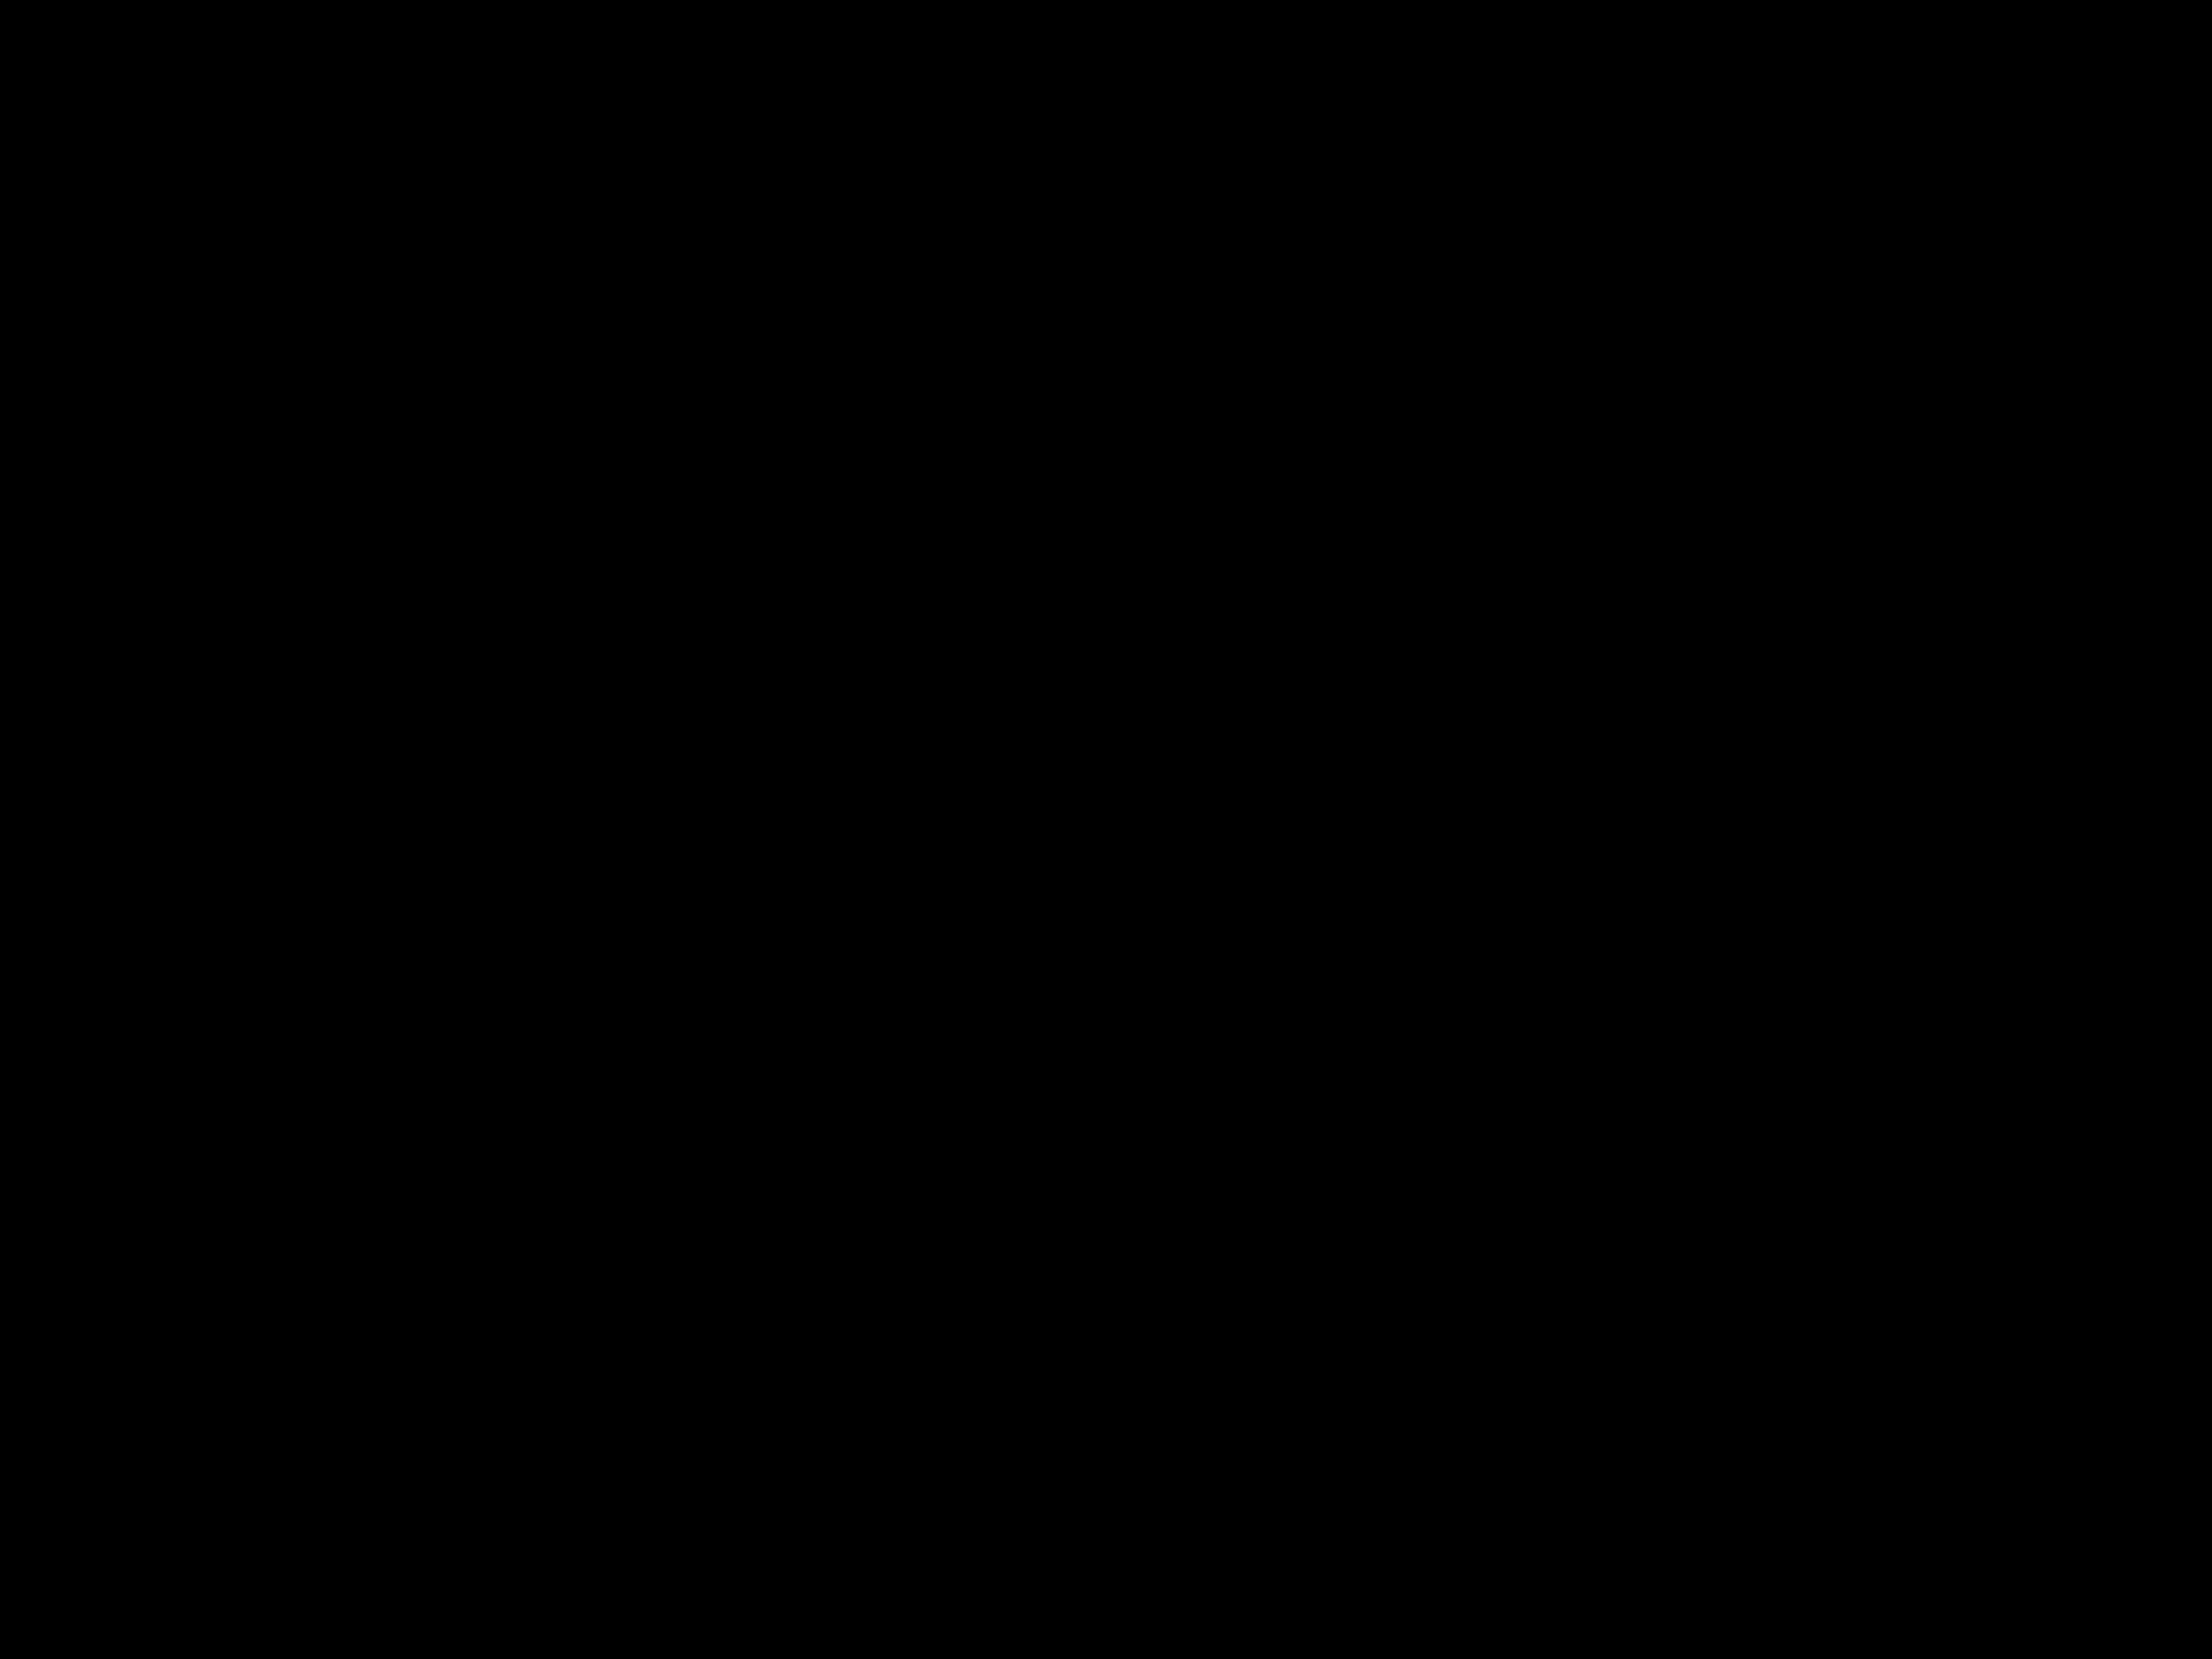 &tradition Pendelleuchte Tivoli #Kupfer | LIGHTING | Pinterest ...